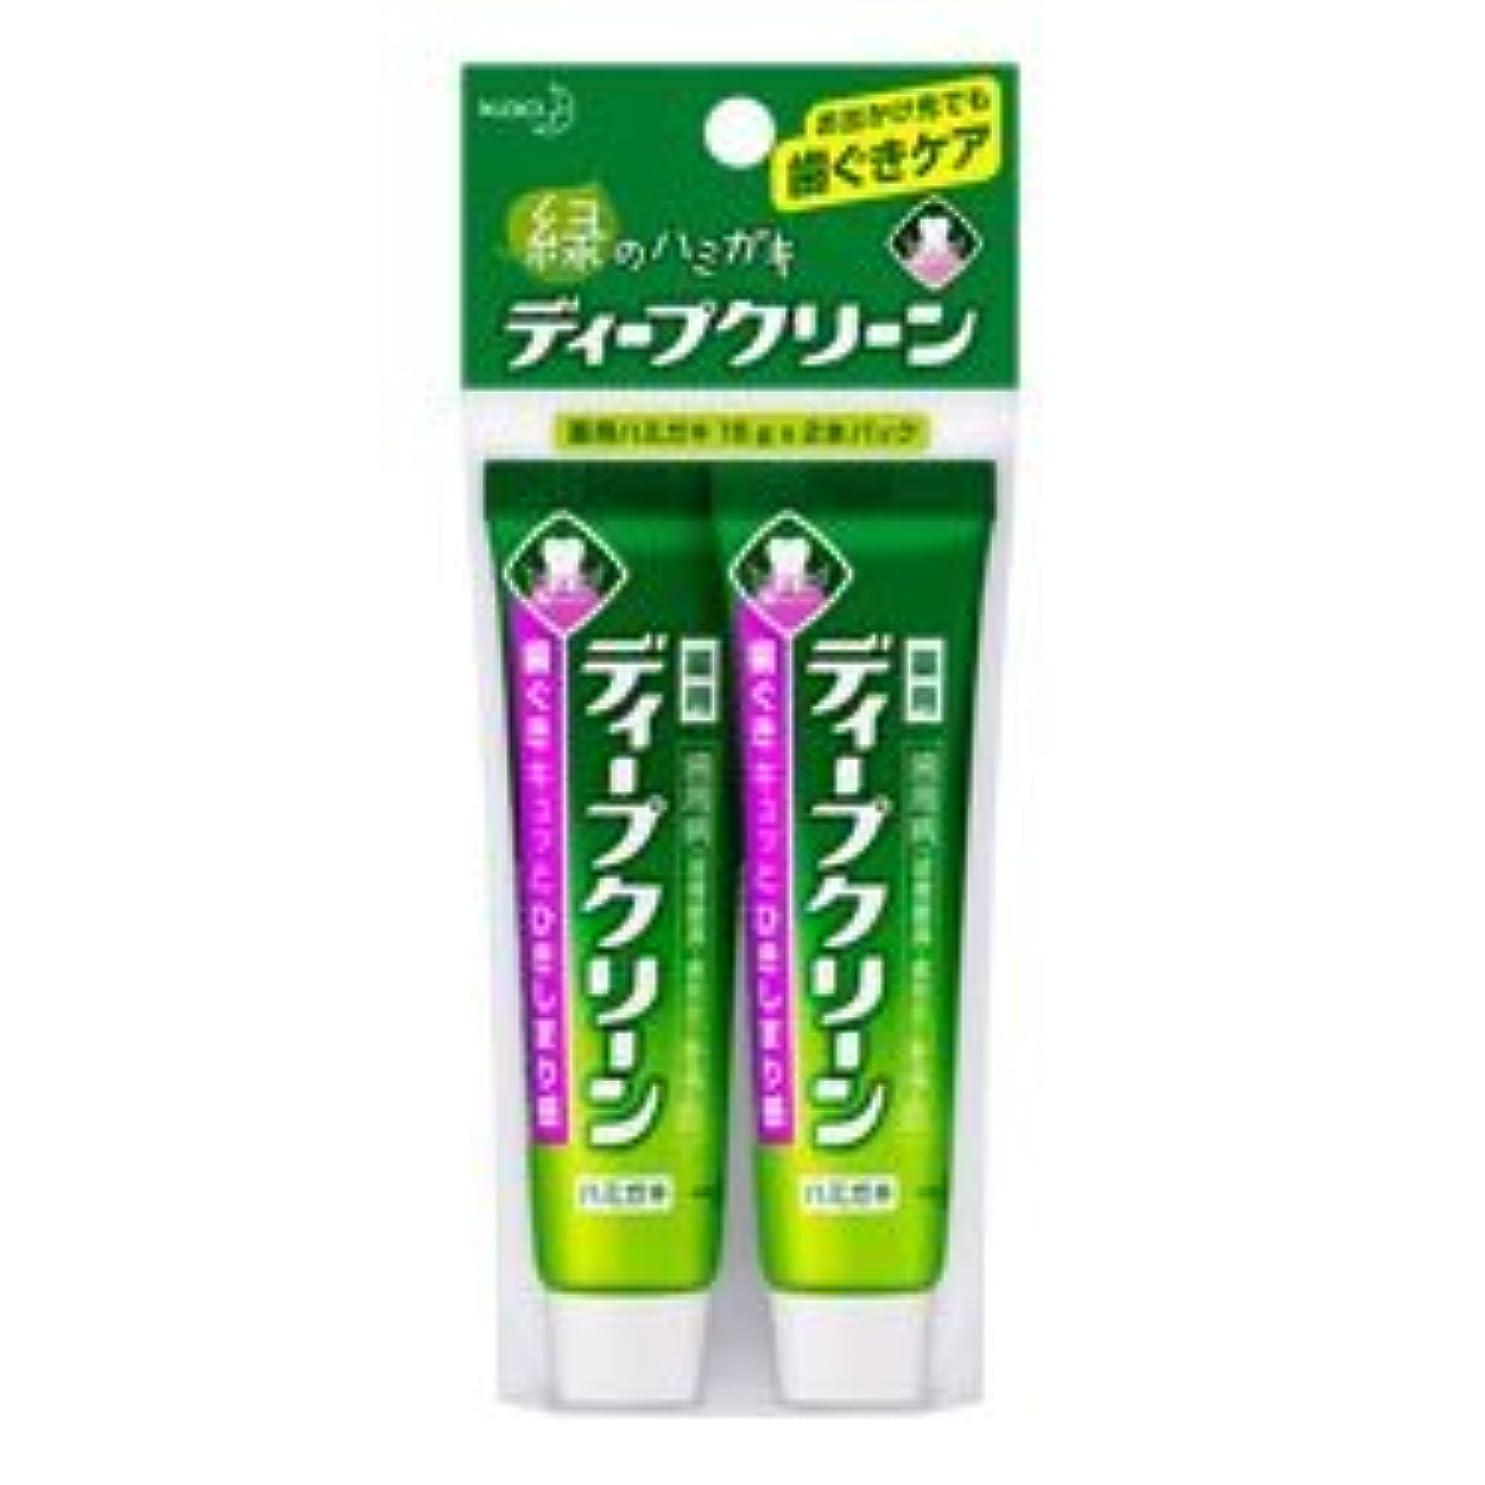 サンプル傀儡【花王】ディープクリーン 薬用ハミガキ ミニ 15g×2本 ×5個セット